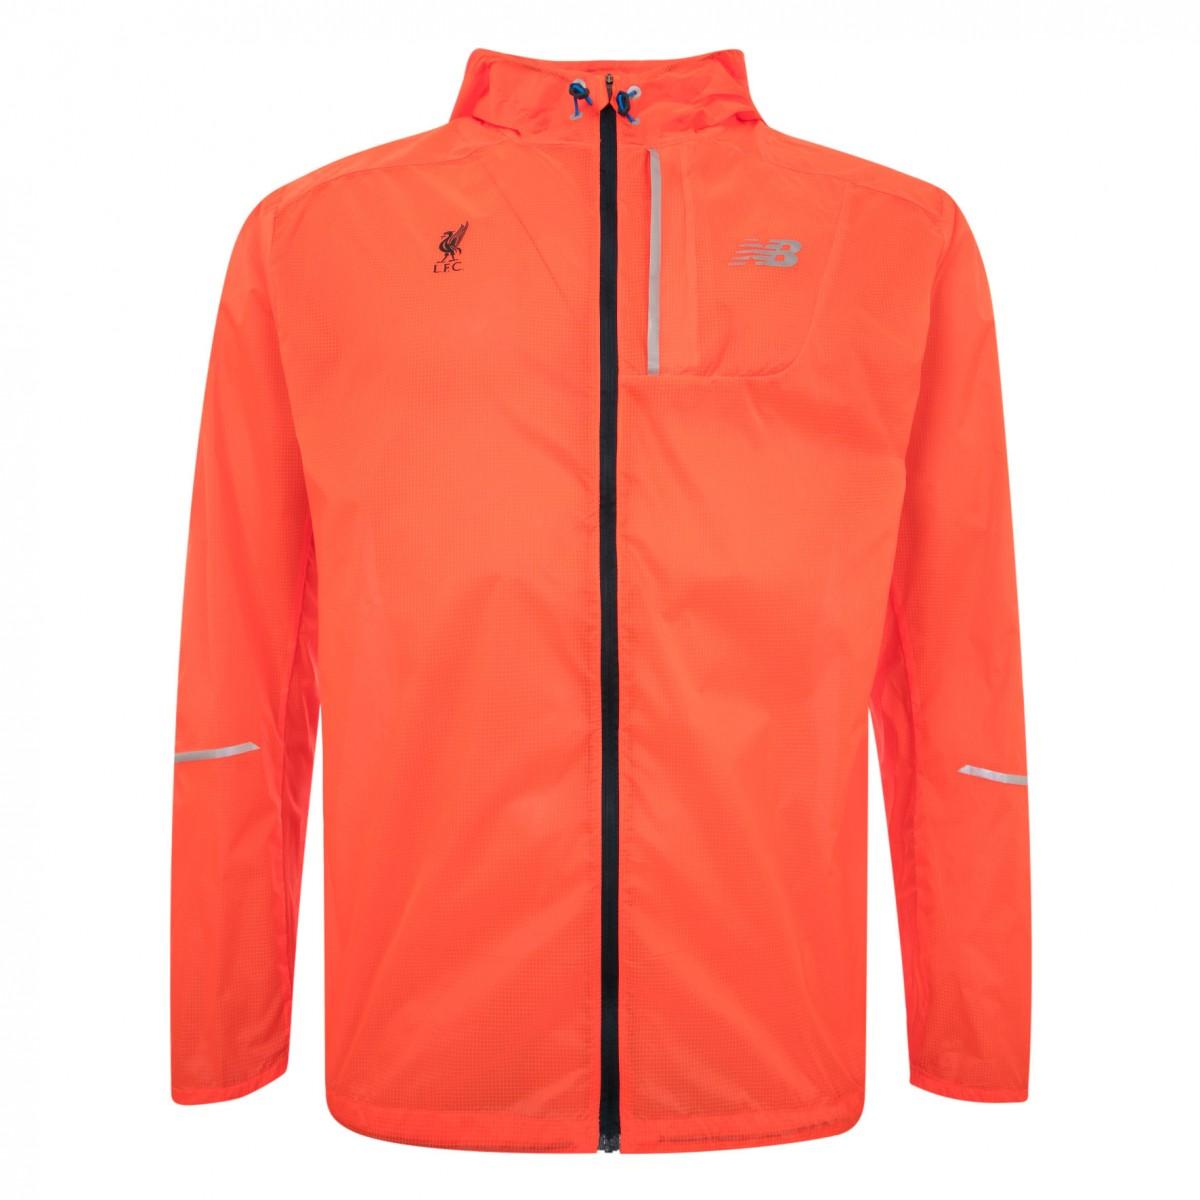 เสื้อฮู้ดนิวบาลานซ์ลิเวอร์พูลของแท้ New Balance Mens Orange Lite Packable Jacket